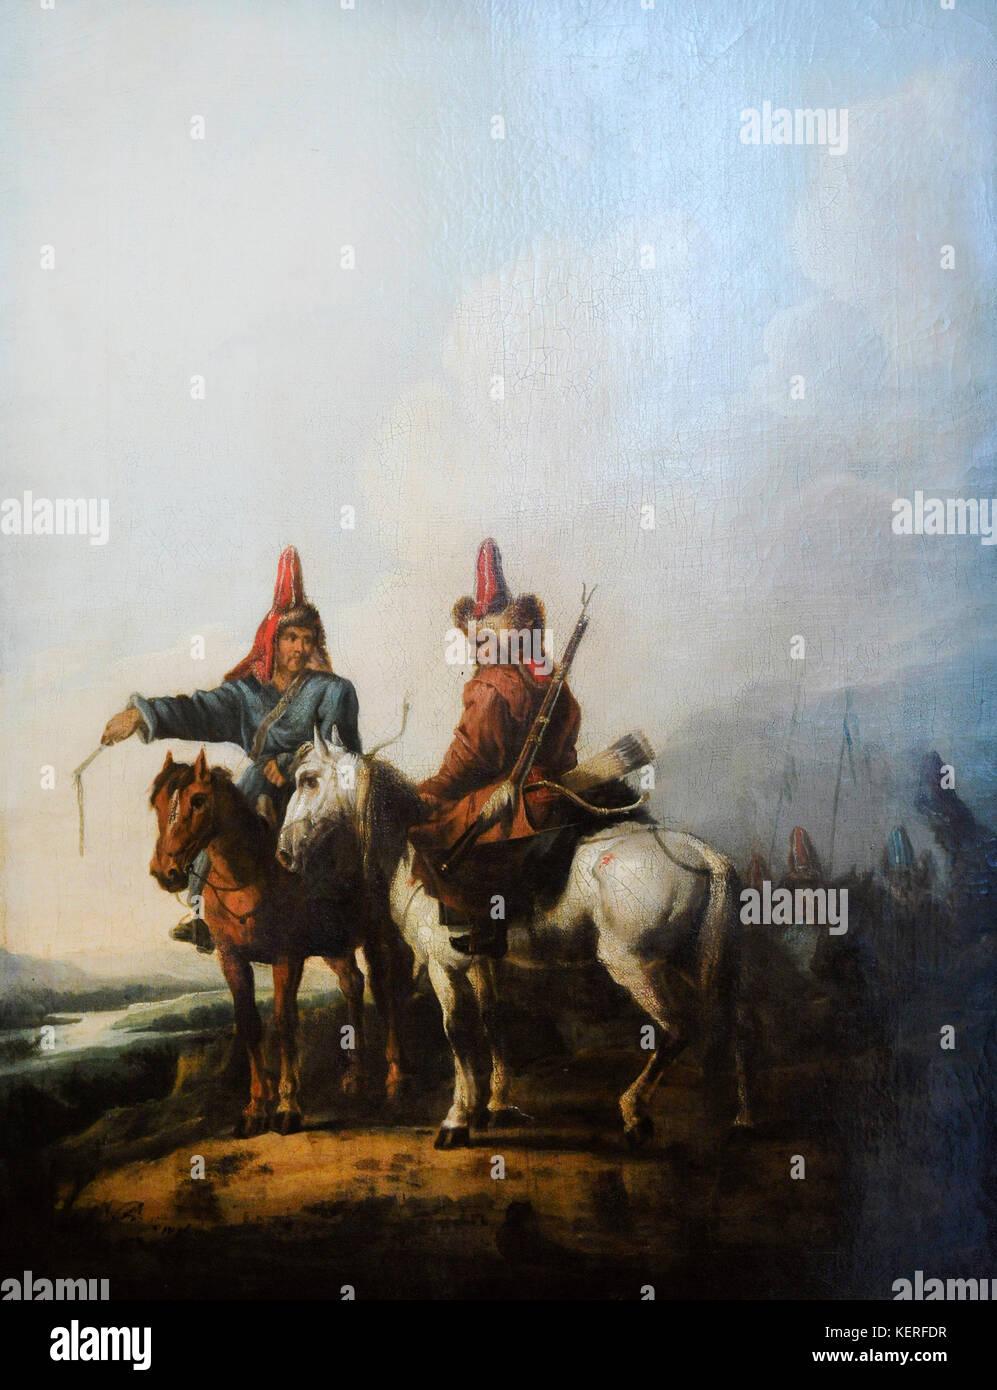 Aleksander orlowski (1777-1832). polnischen romantischen Maler. Kirgisische, 1809. Schlesischen Museum. Katowice Stockbild